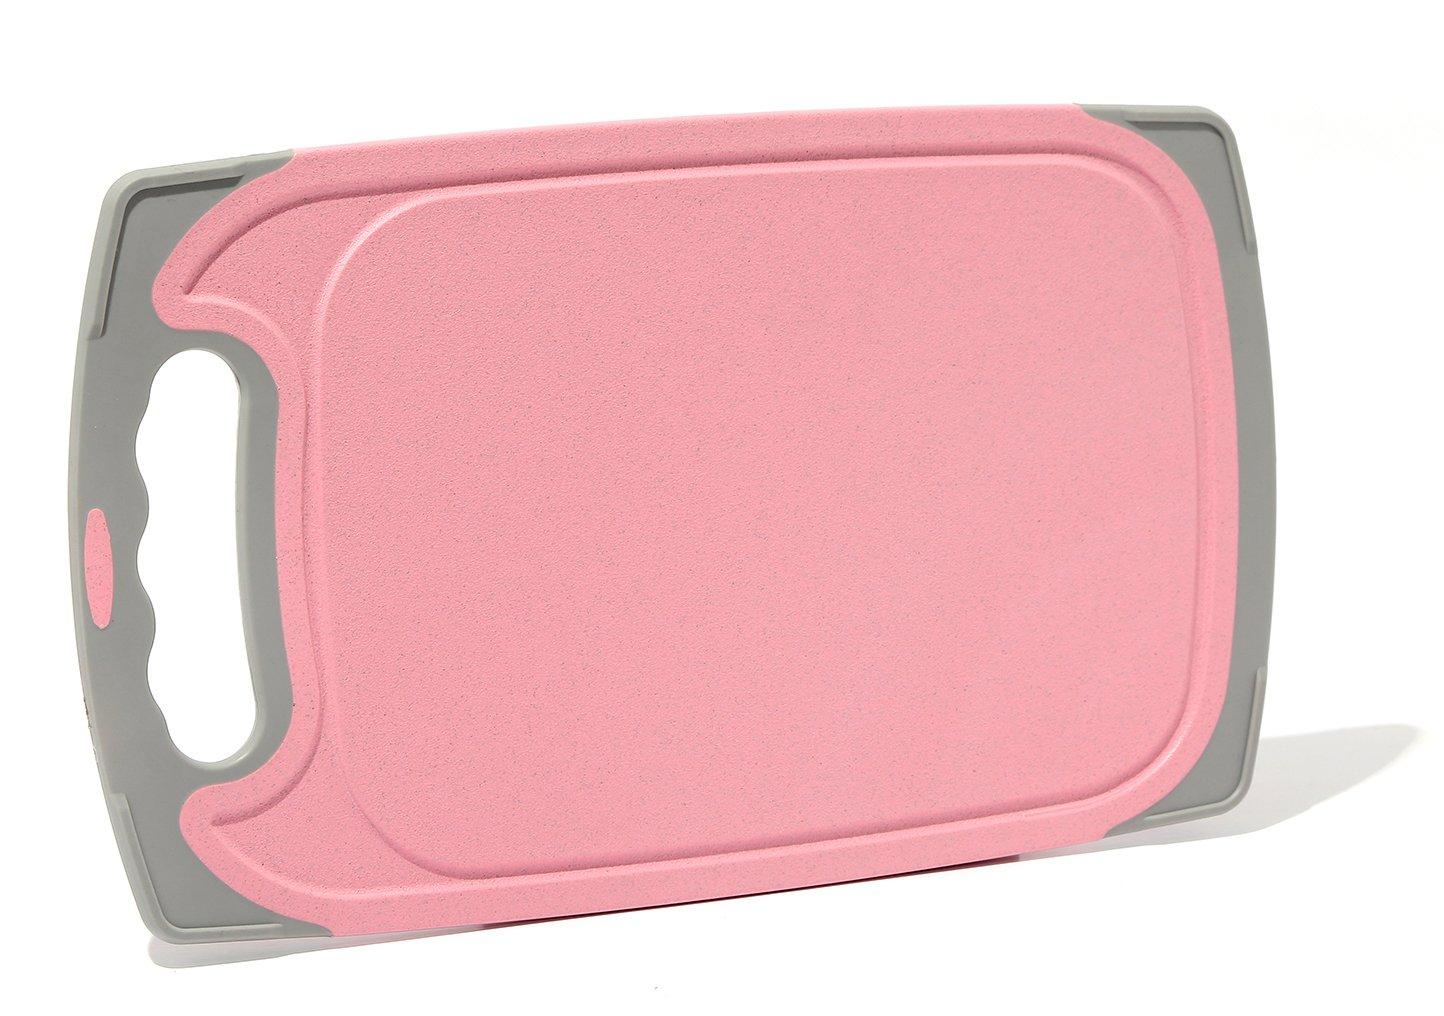 migecon Microbanカッティングボードノンスリップ抗菌まな板BPAフリーキッチンボード S ピンク MZK008-Borad-S-Pink B0753BQRSH S|ピンク ピンク S